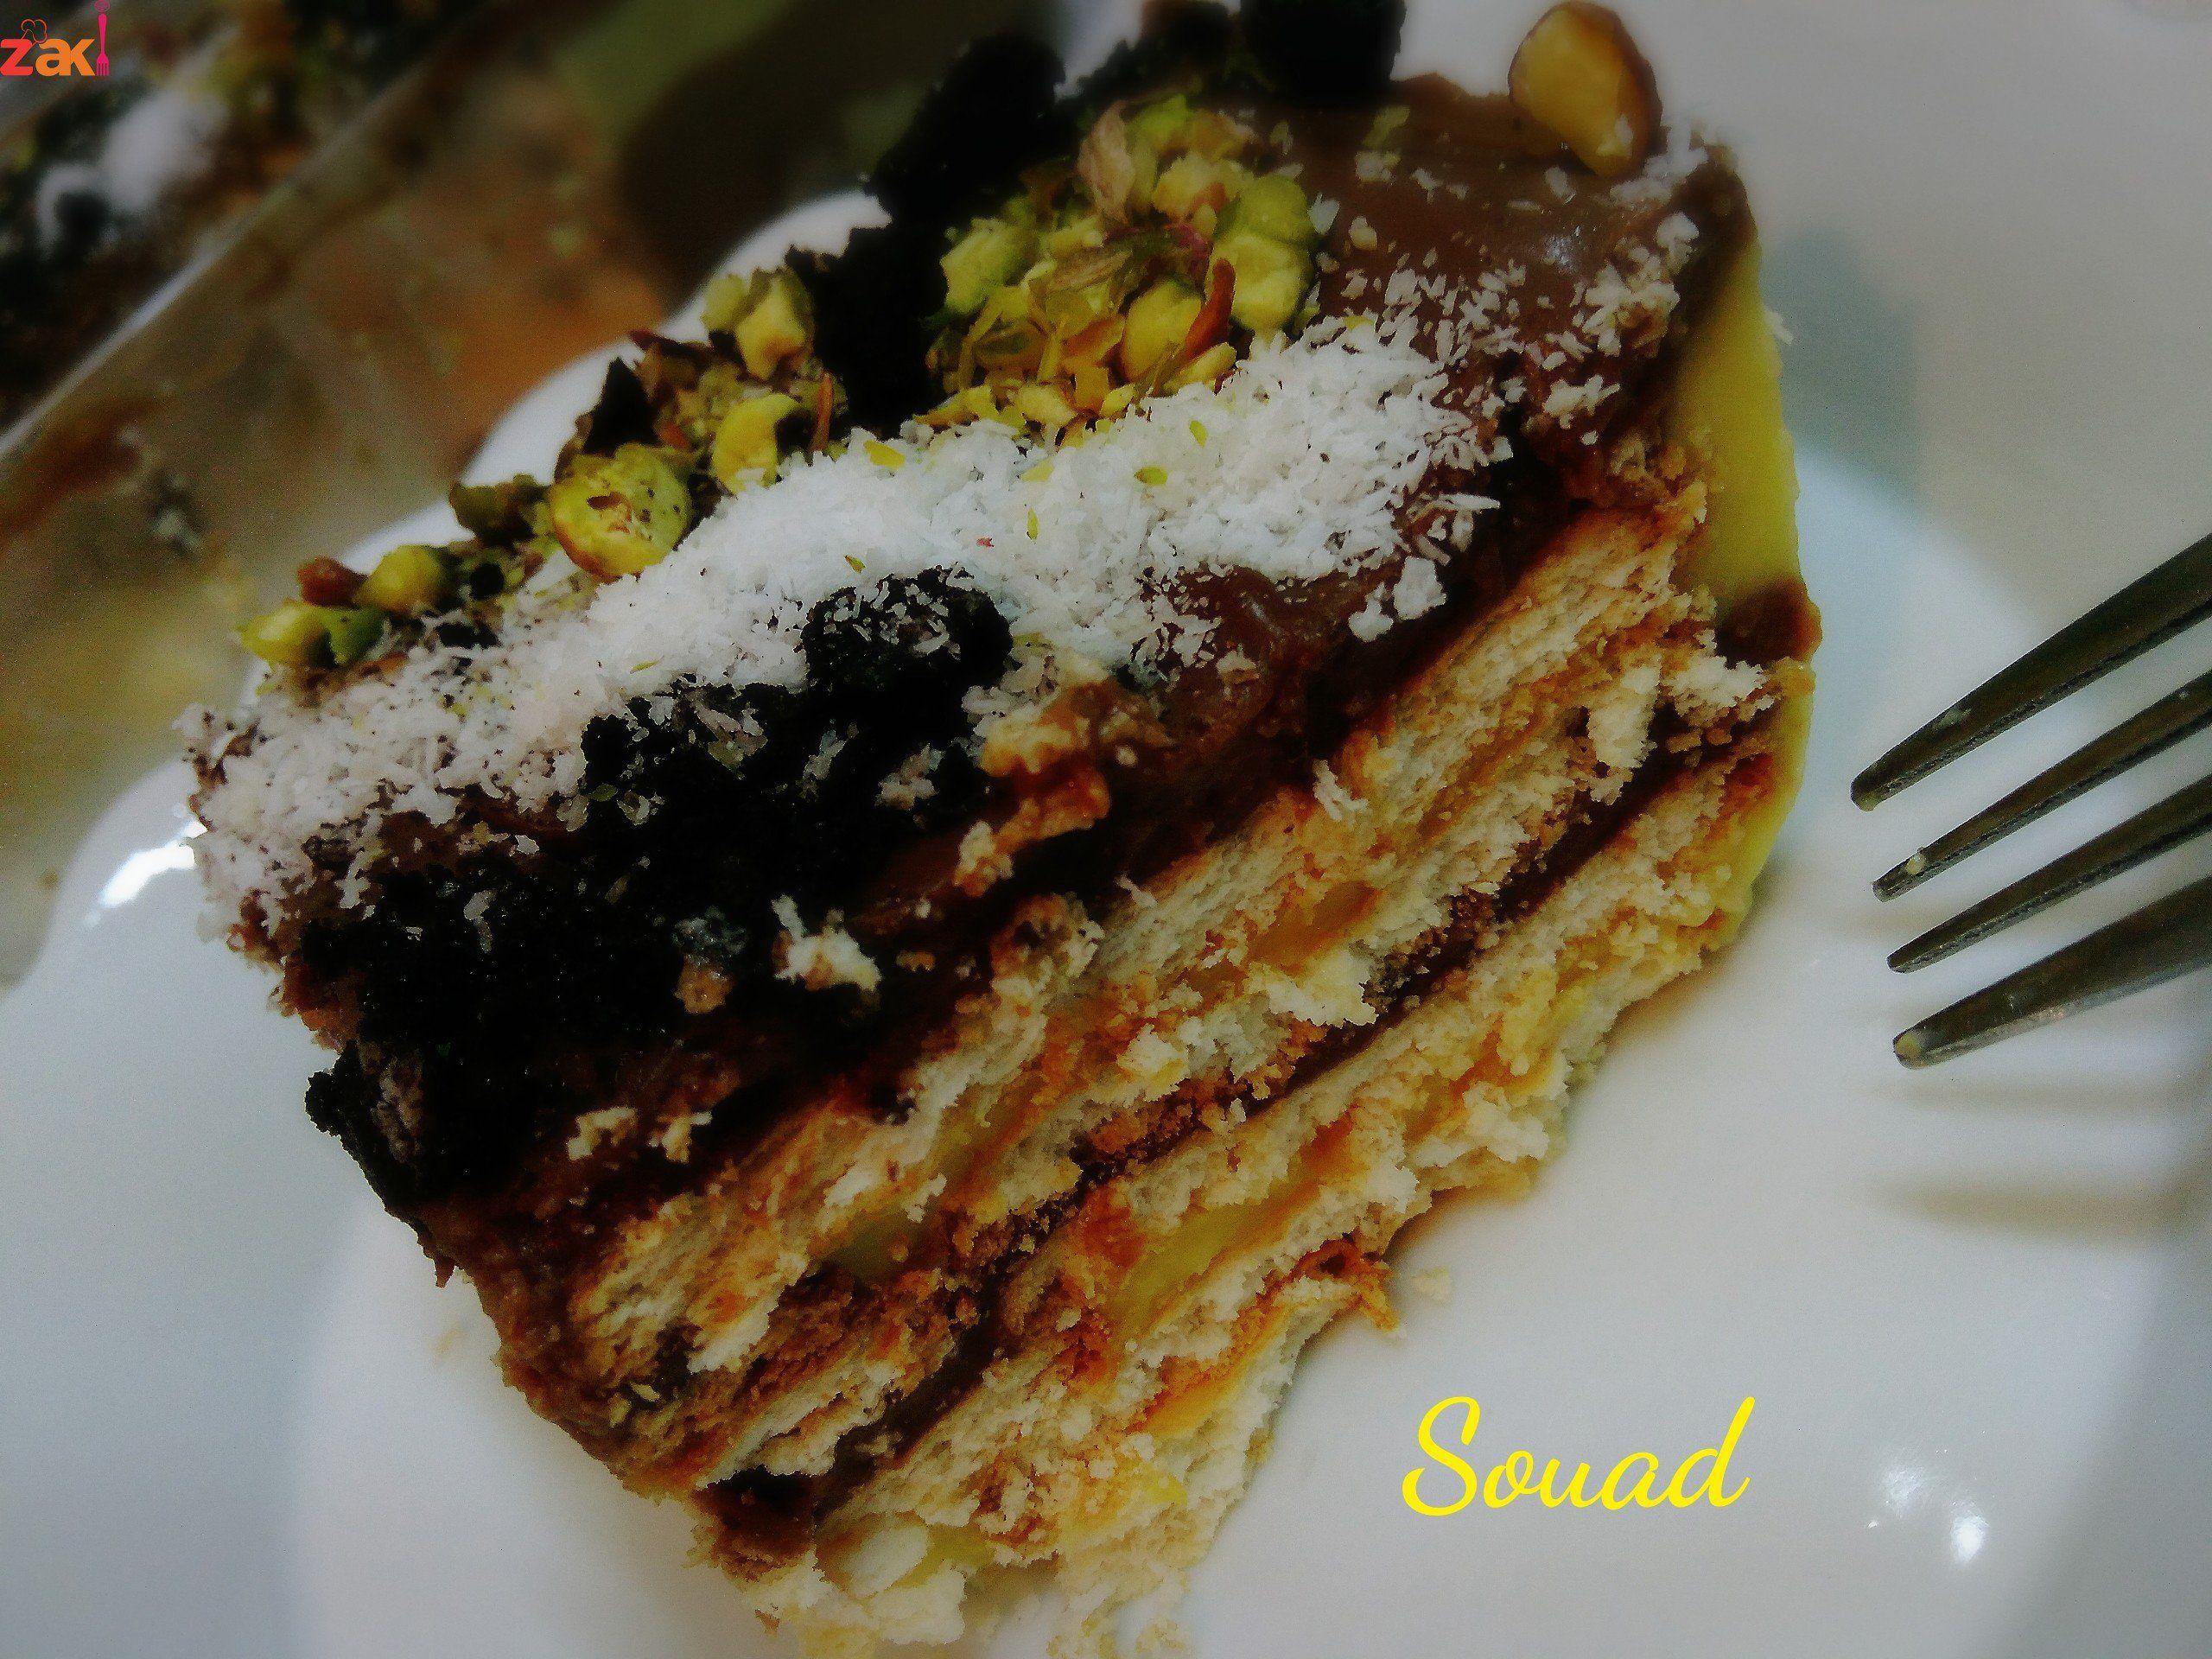 حلى الكاسترد بالبسكويت والشوكولاتة والطعم خيال زاكي Food Desserts Summer Recipes